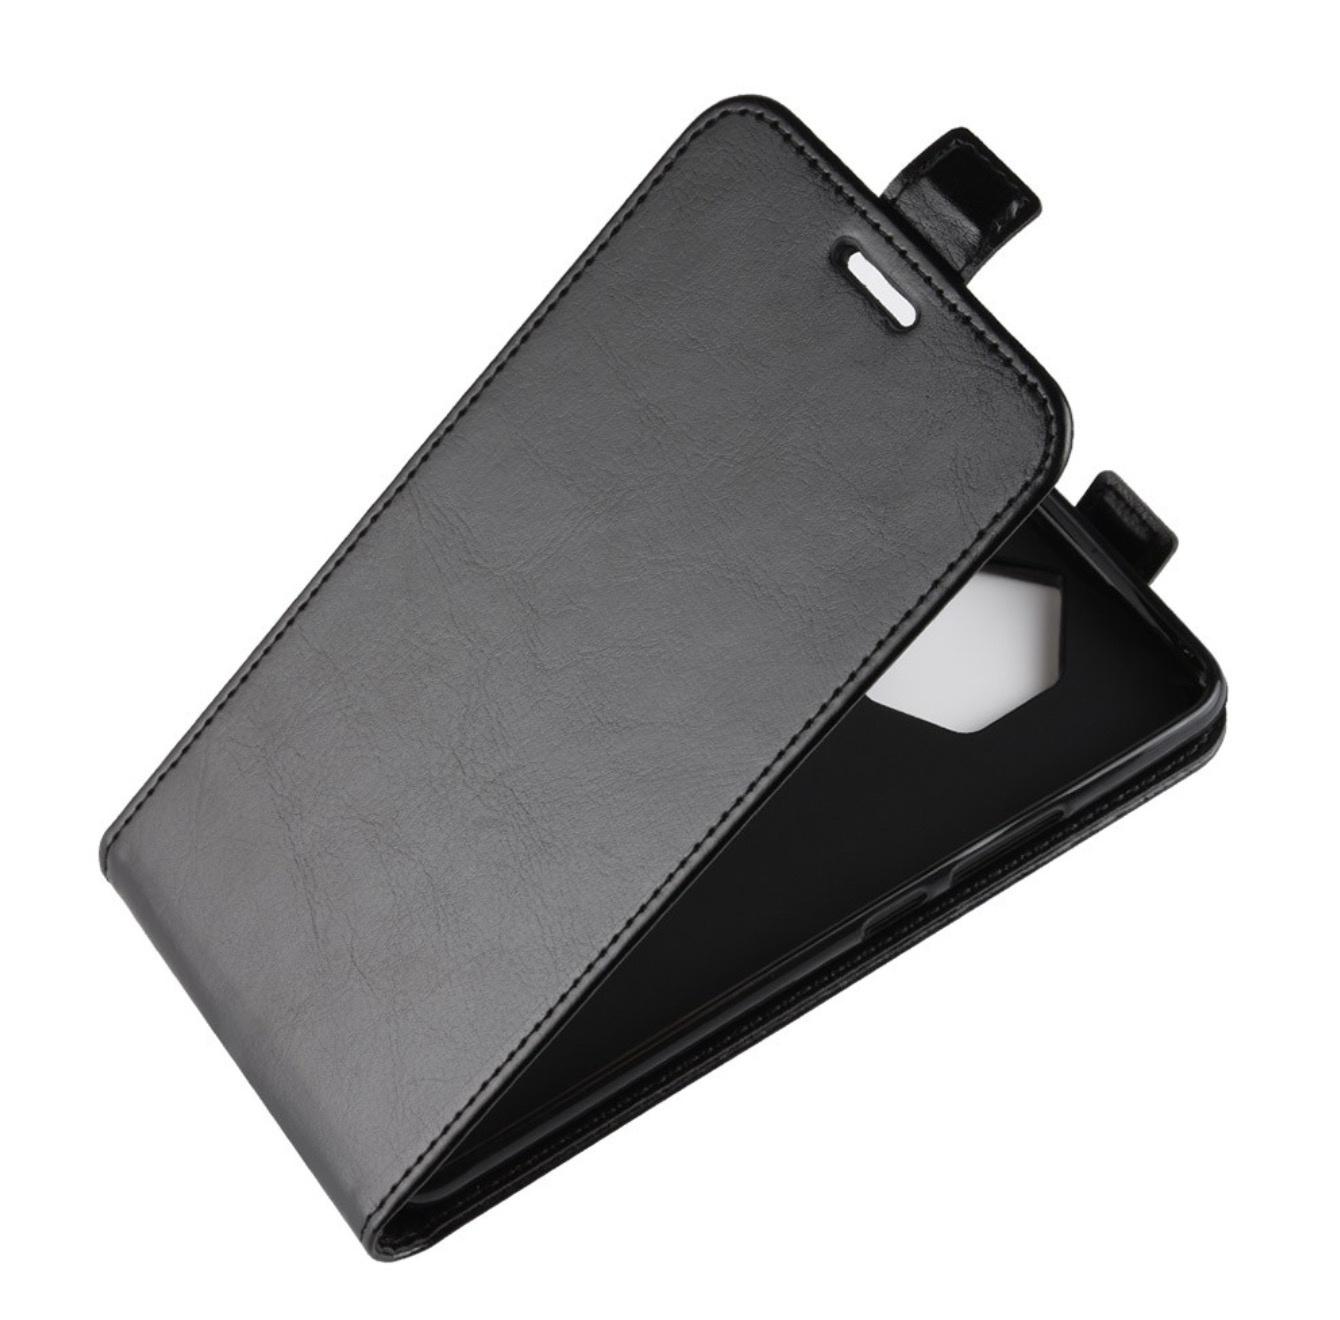 Чехол-флип MyPads для Philips I928 вертикальный откидной черный стоимость